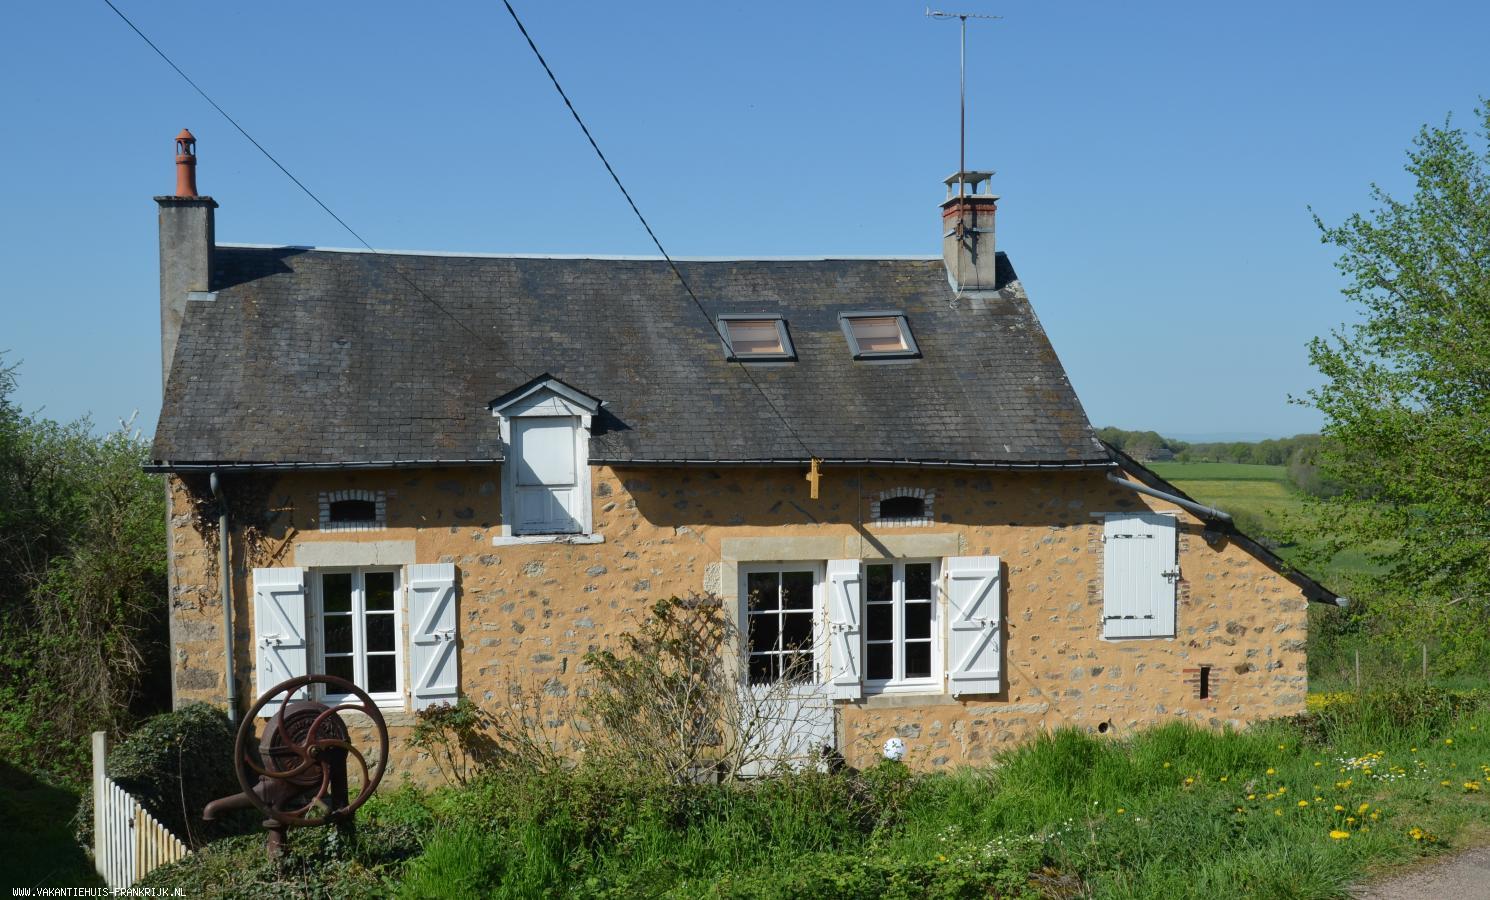 Vakantiehuis: Le Coquelicot in de Morvan met een prachtig uitzicht en waar u en uw honden welkom zijn, de tuin is omheind. te huur voor uw vakantie in Nievre (Frankrijk)